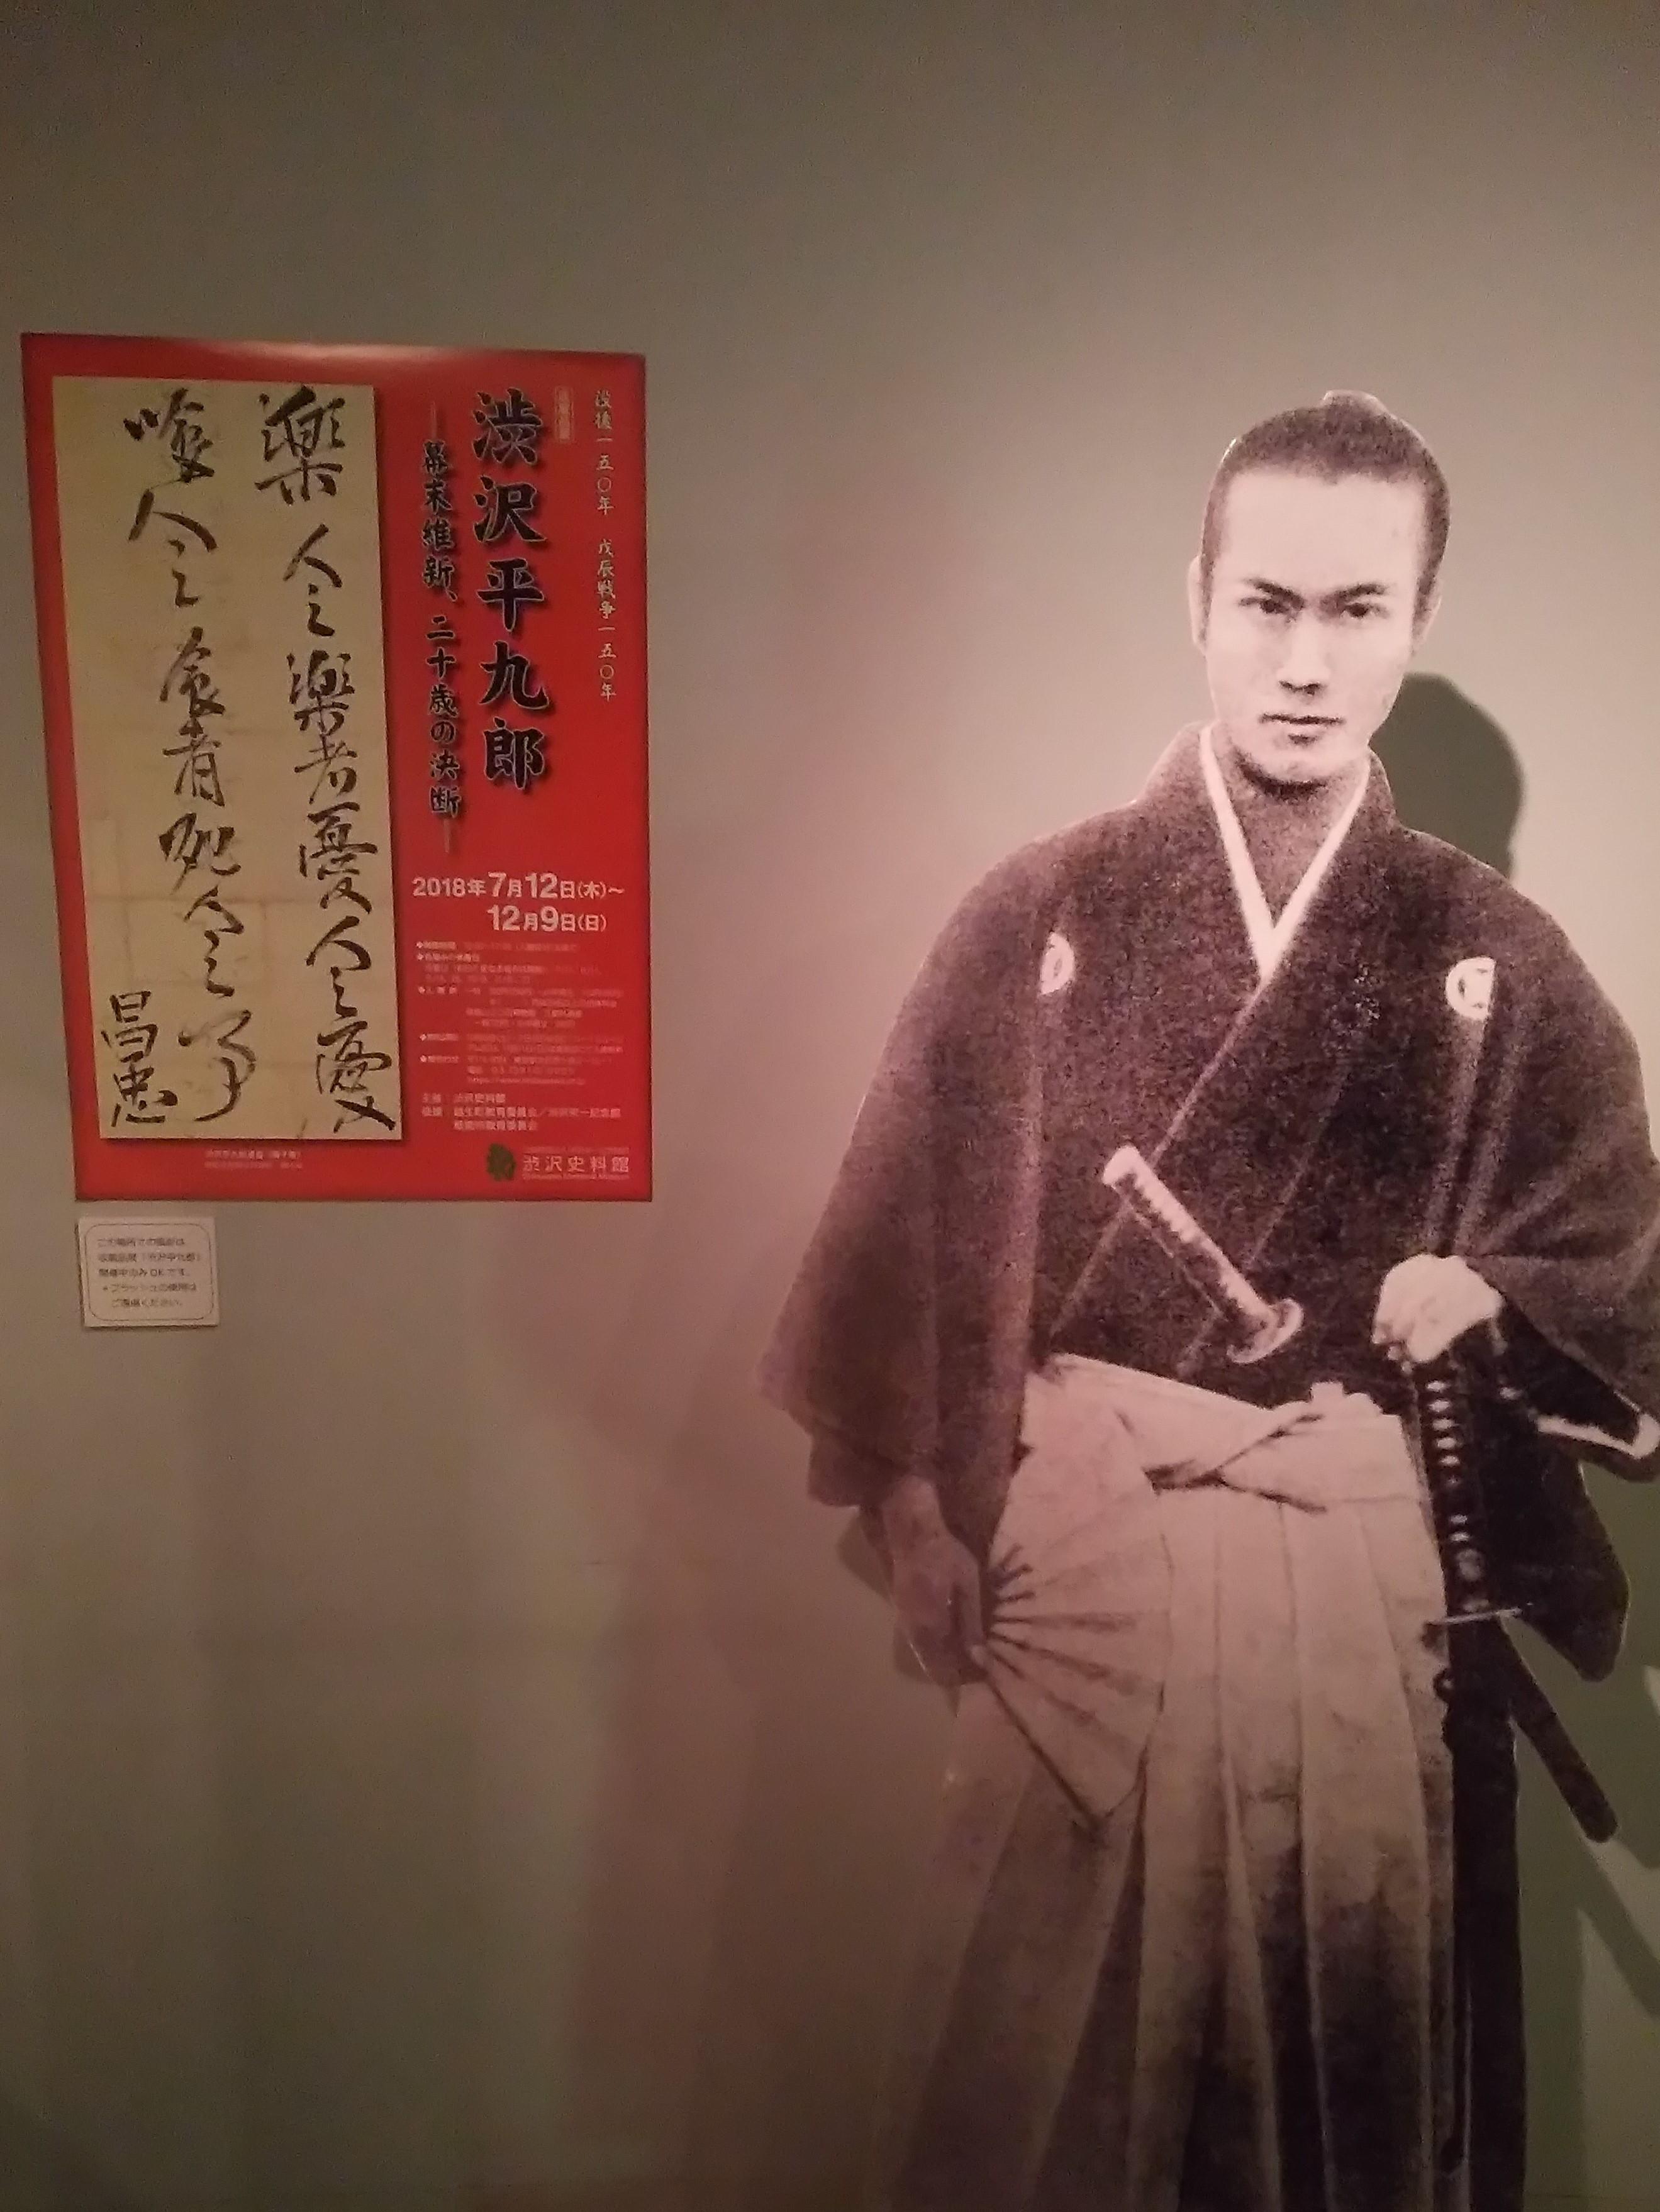 歴史オンチの関東史跡めぐりー2 飯能戦争と渋沢平九郎(2)